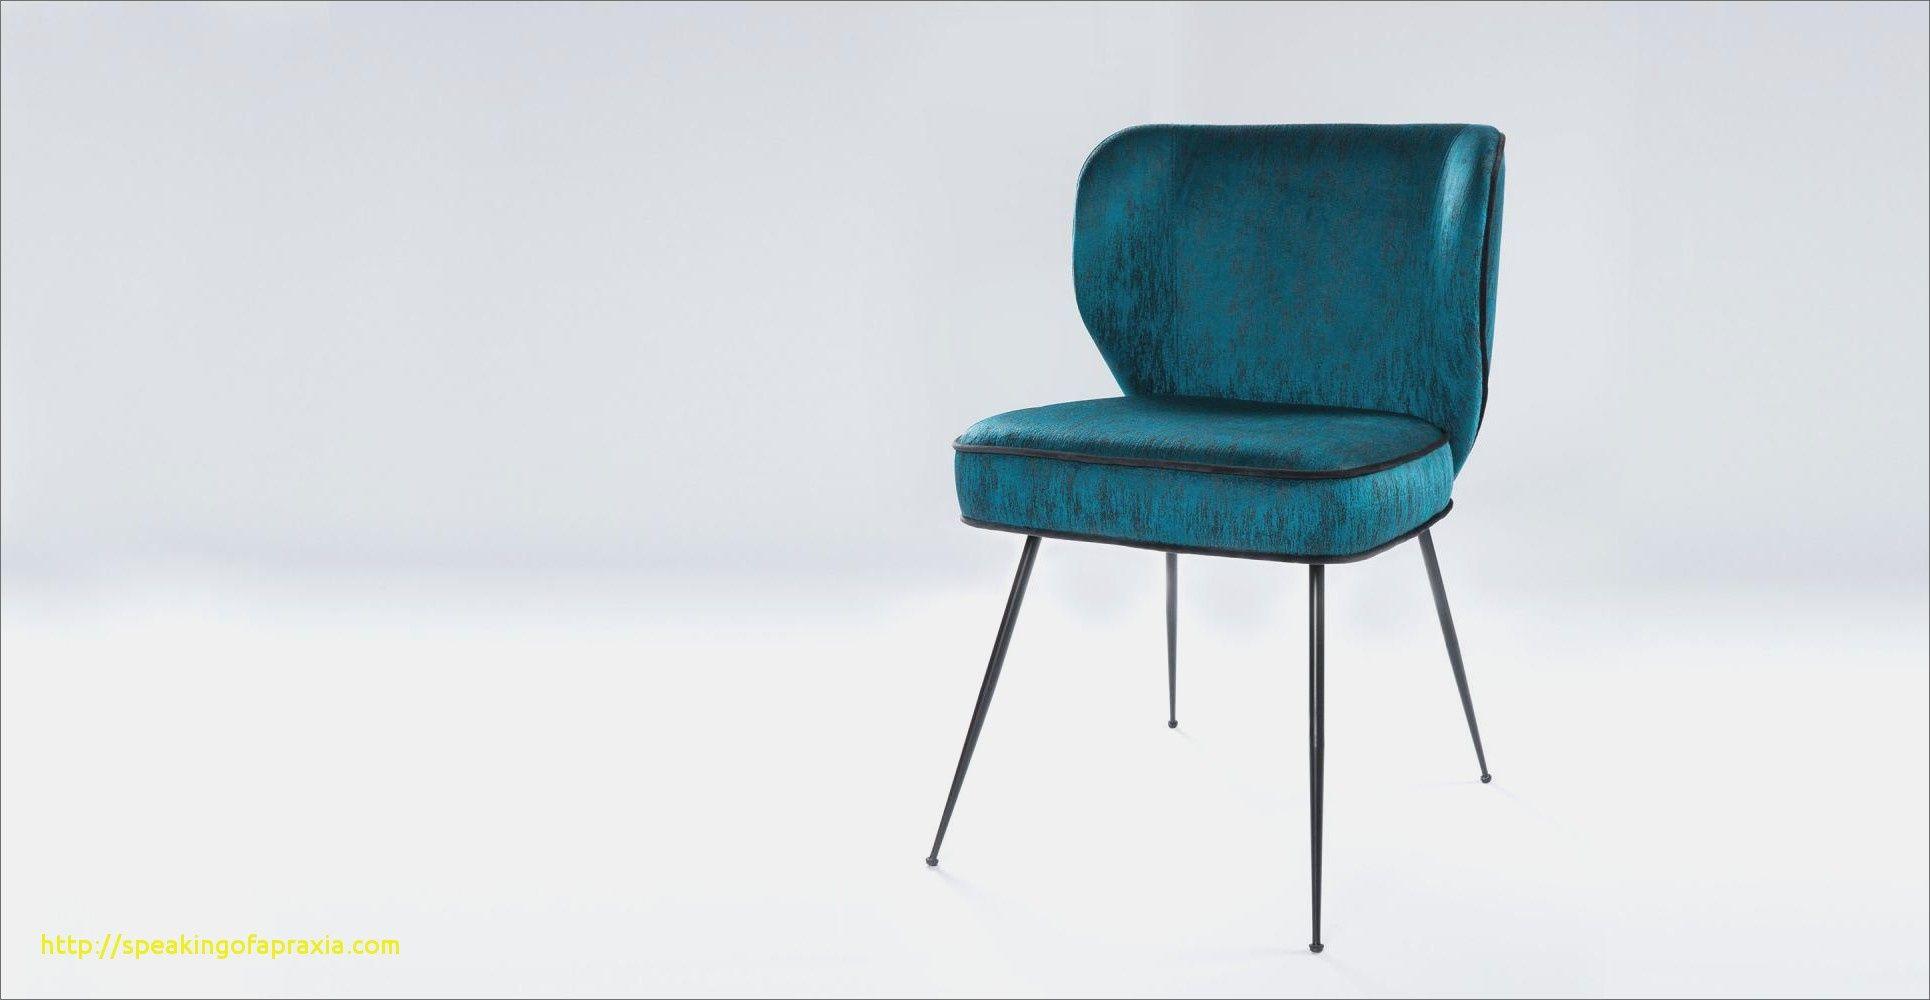 meubles carrefour soldes meuble tv carrefour charmant bureau pas cher carrefour of meubles carrefour soldes